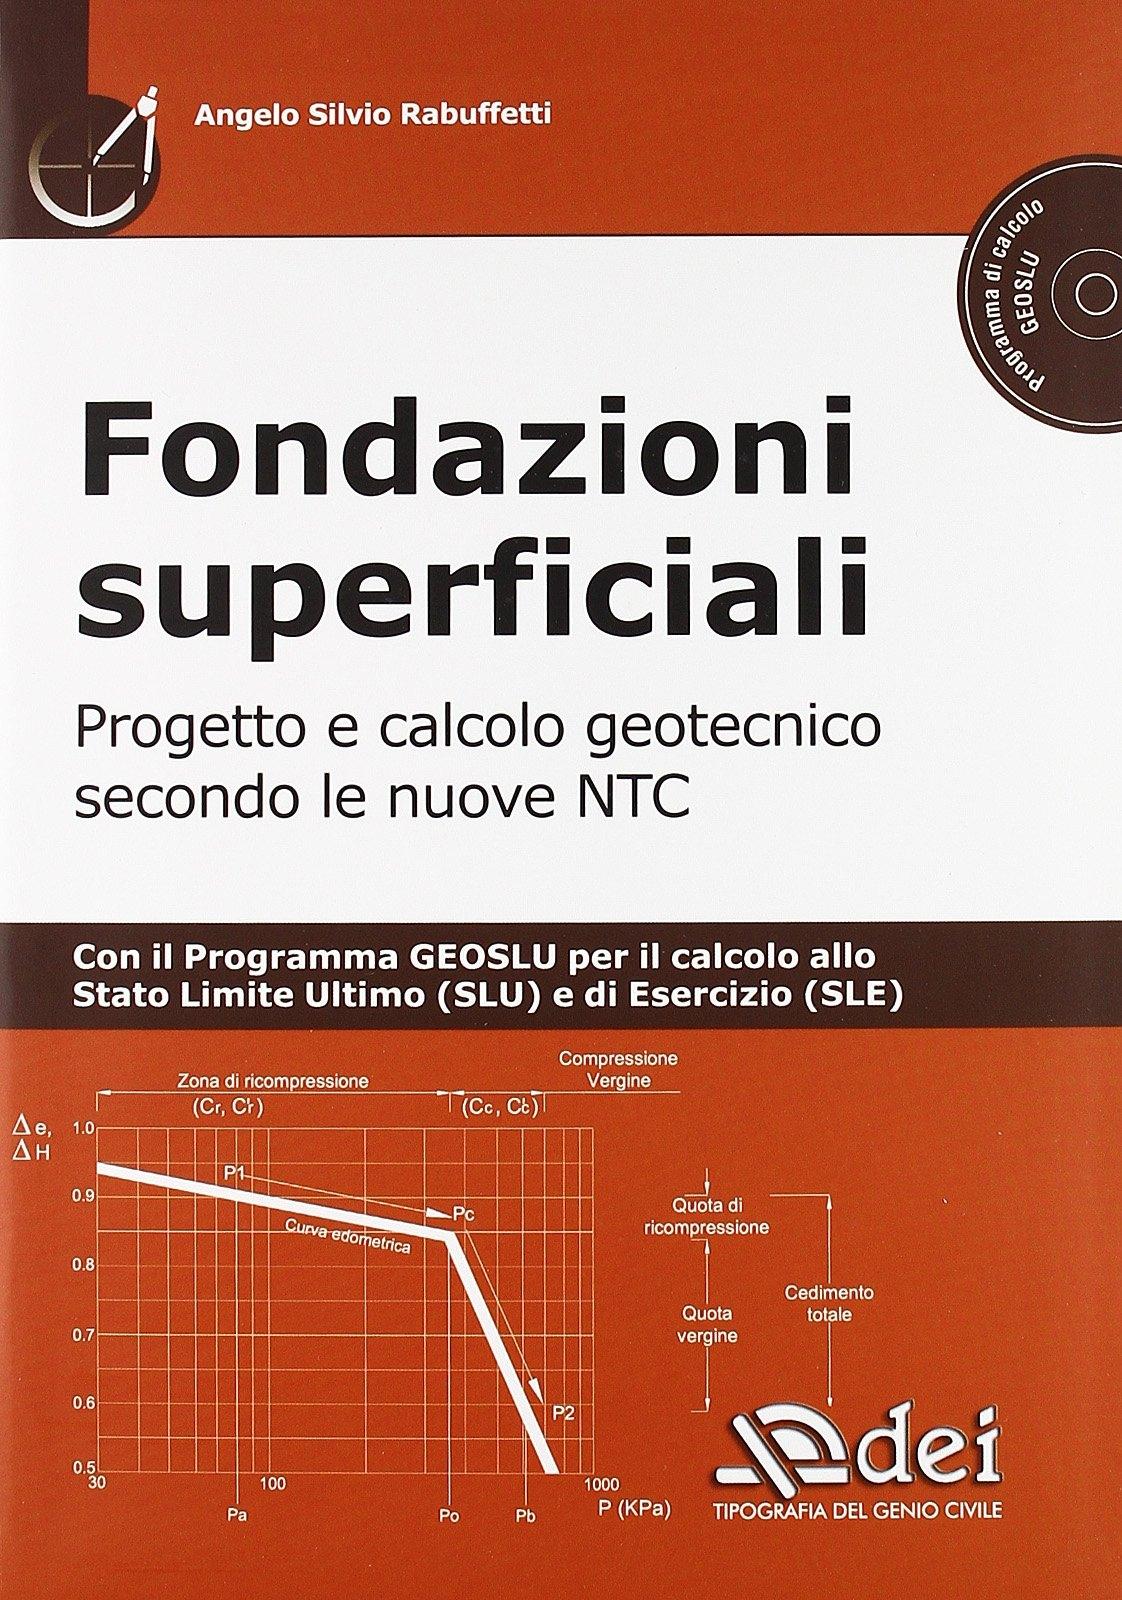 Fondazioni superficiali. Progetto e calcolo geotecnico secondo le nuove NTC. Con CD-ROM